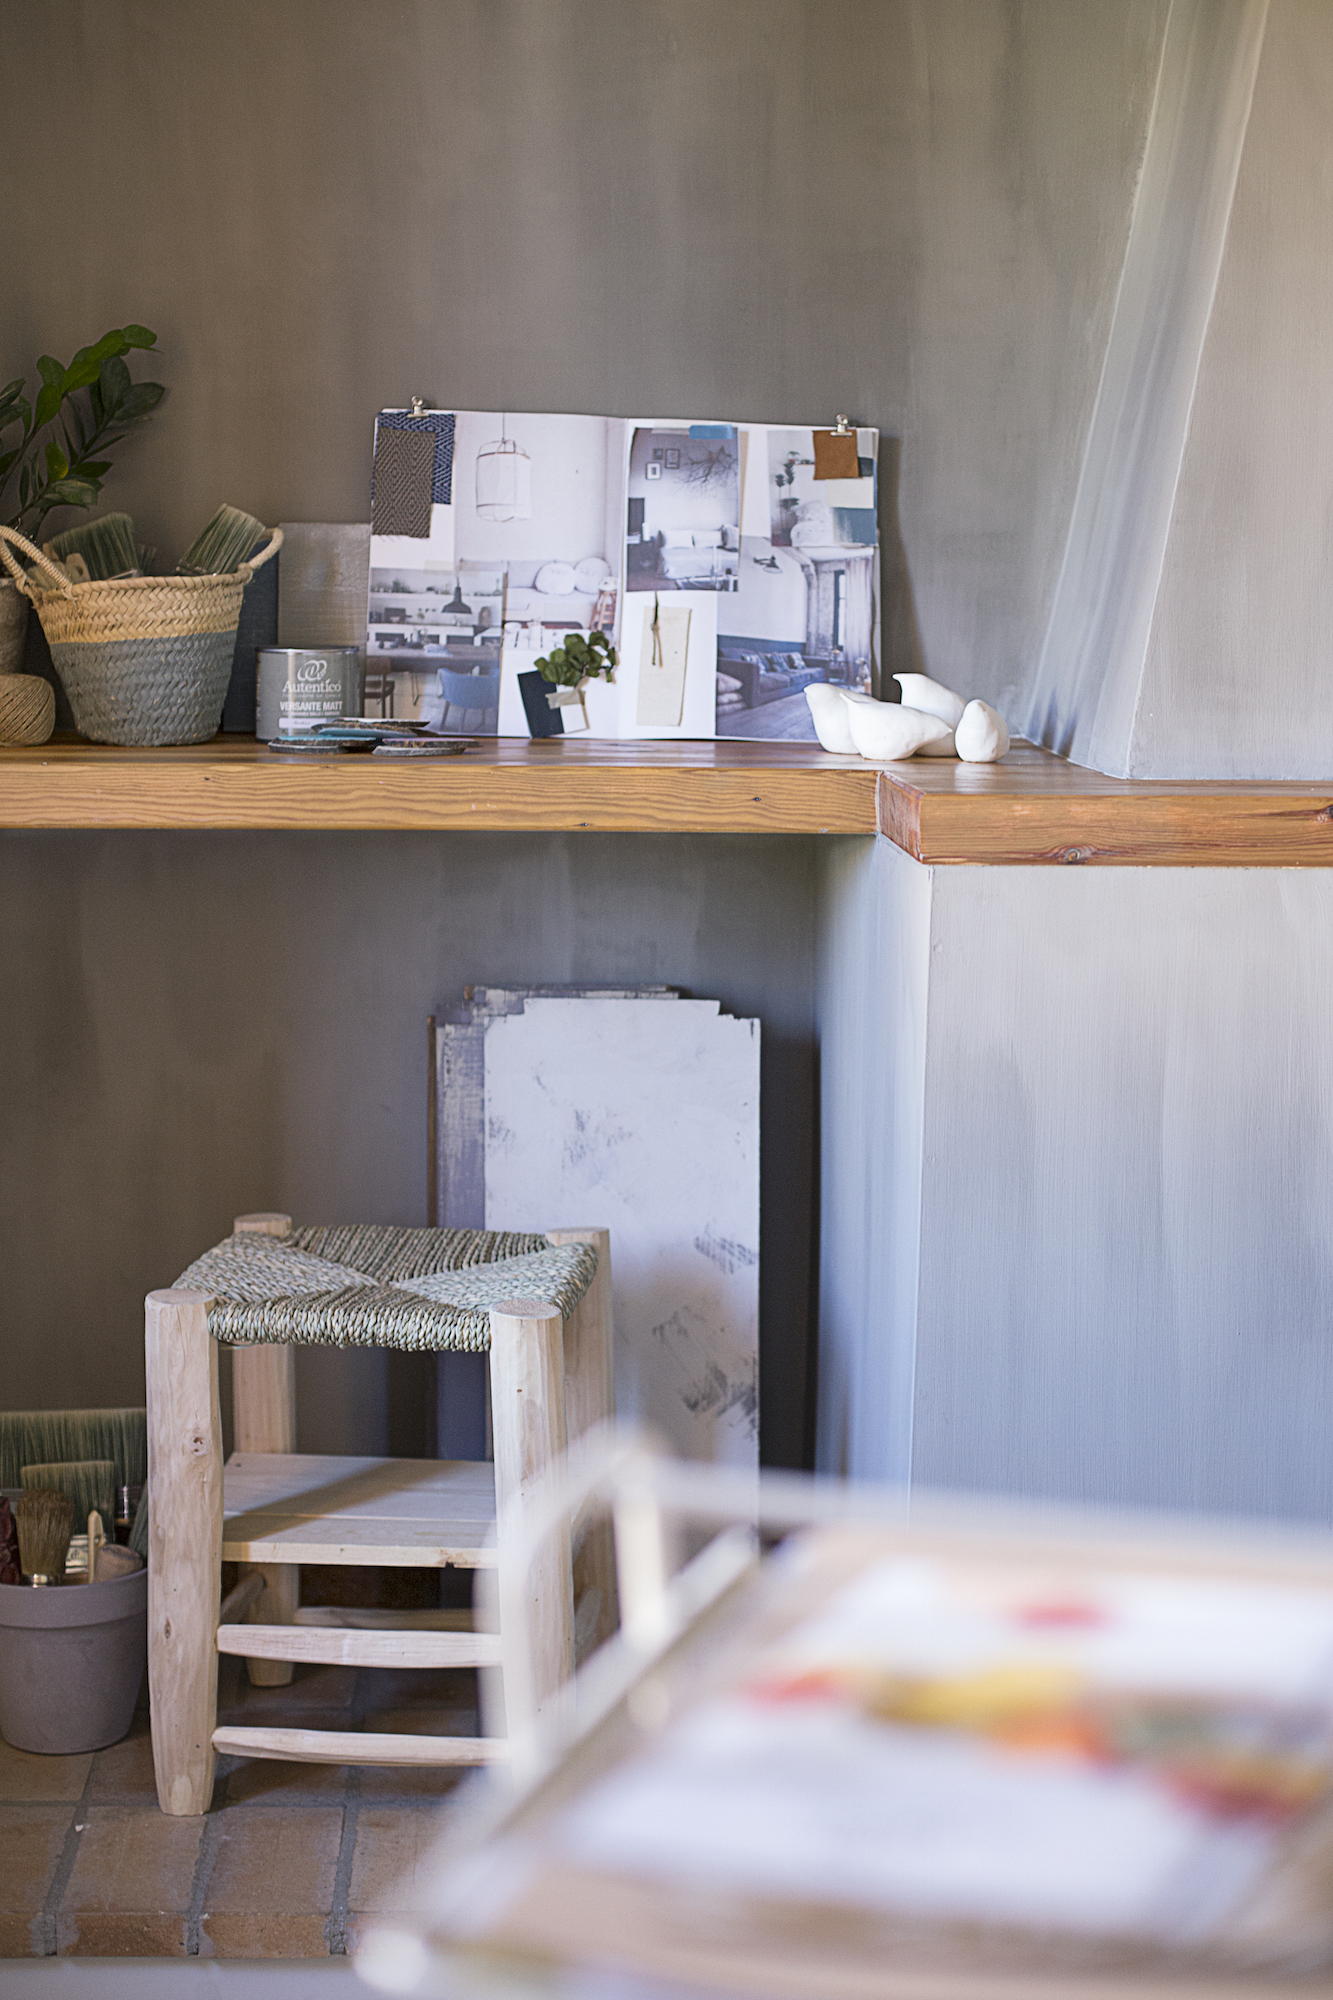 En el estudio con neus de crea decora recicla - Crea decora y recicla ...